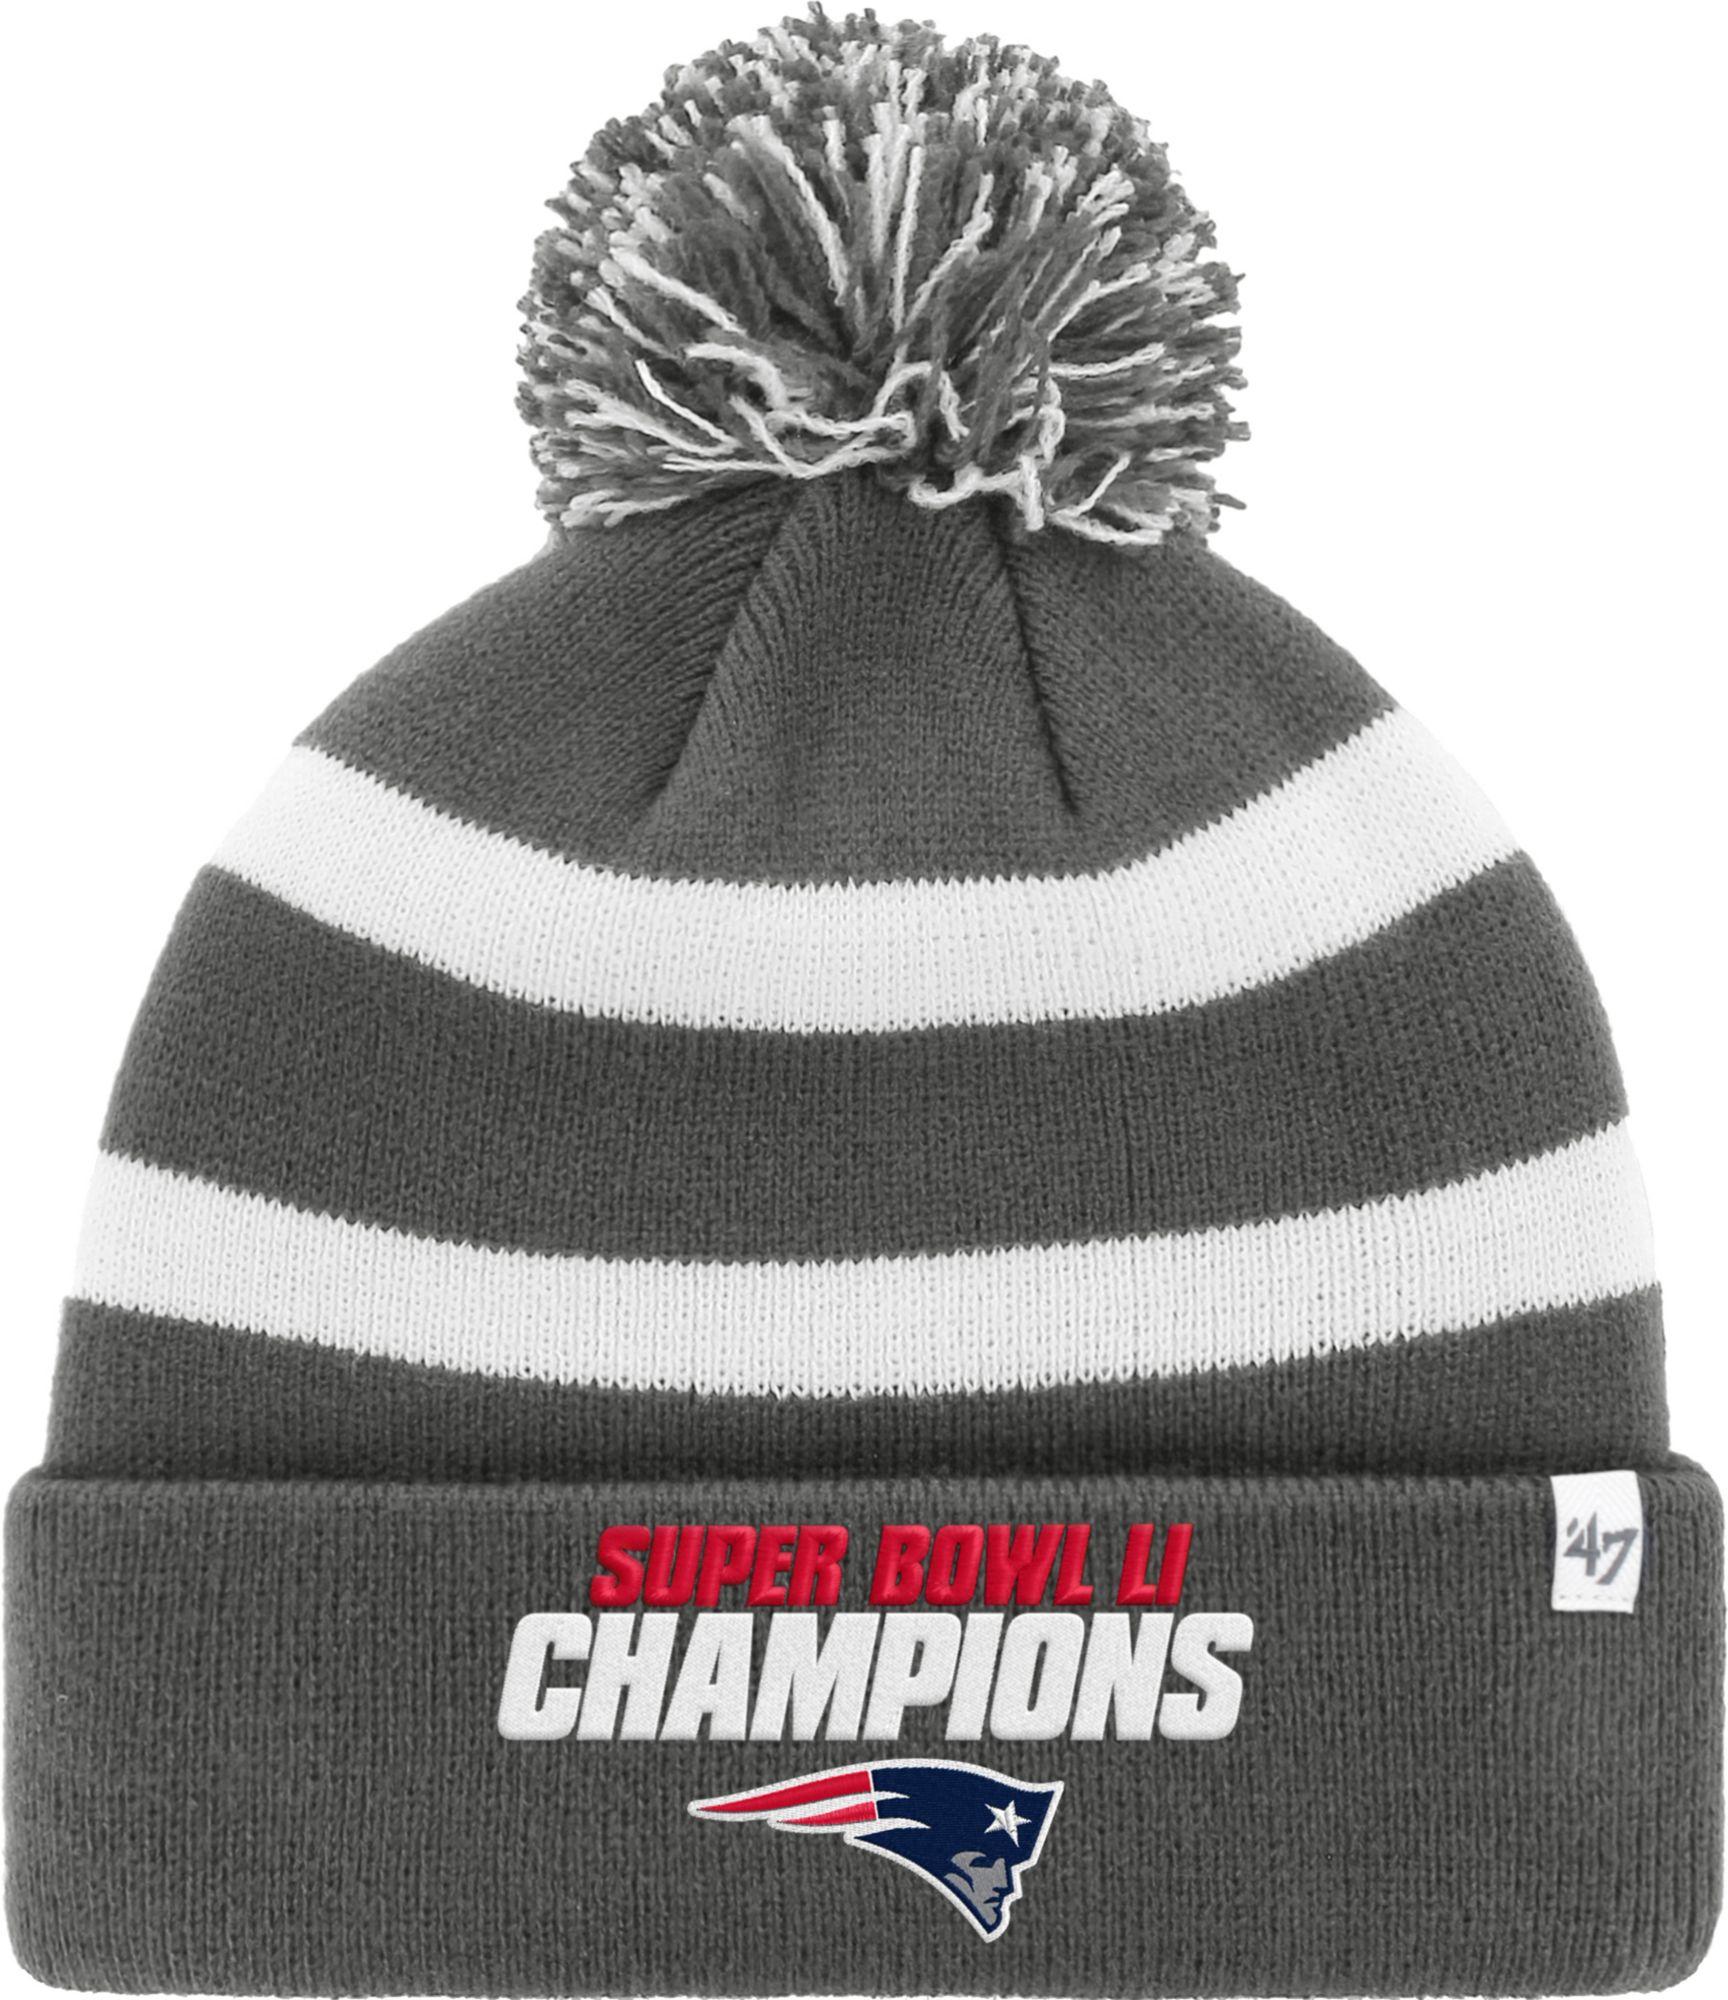 ??47 Mens Super Bowl LI Champions New England Patriots Breakaway Grey Cuffed Knit DICKS Sporting Goods